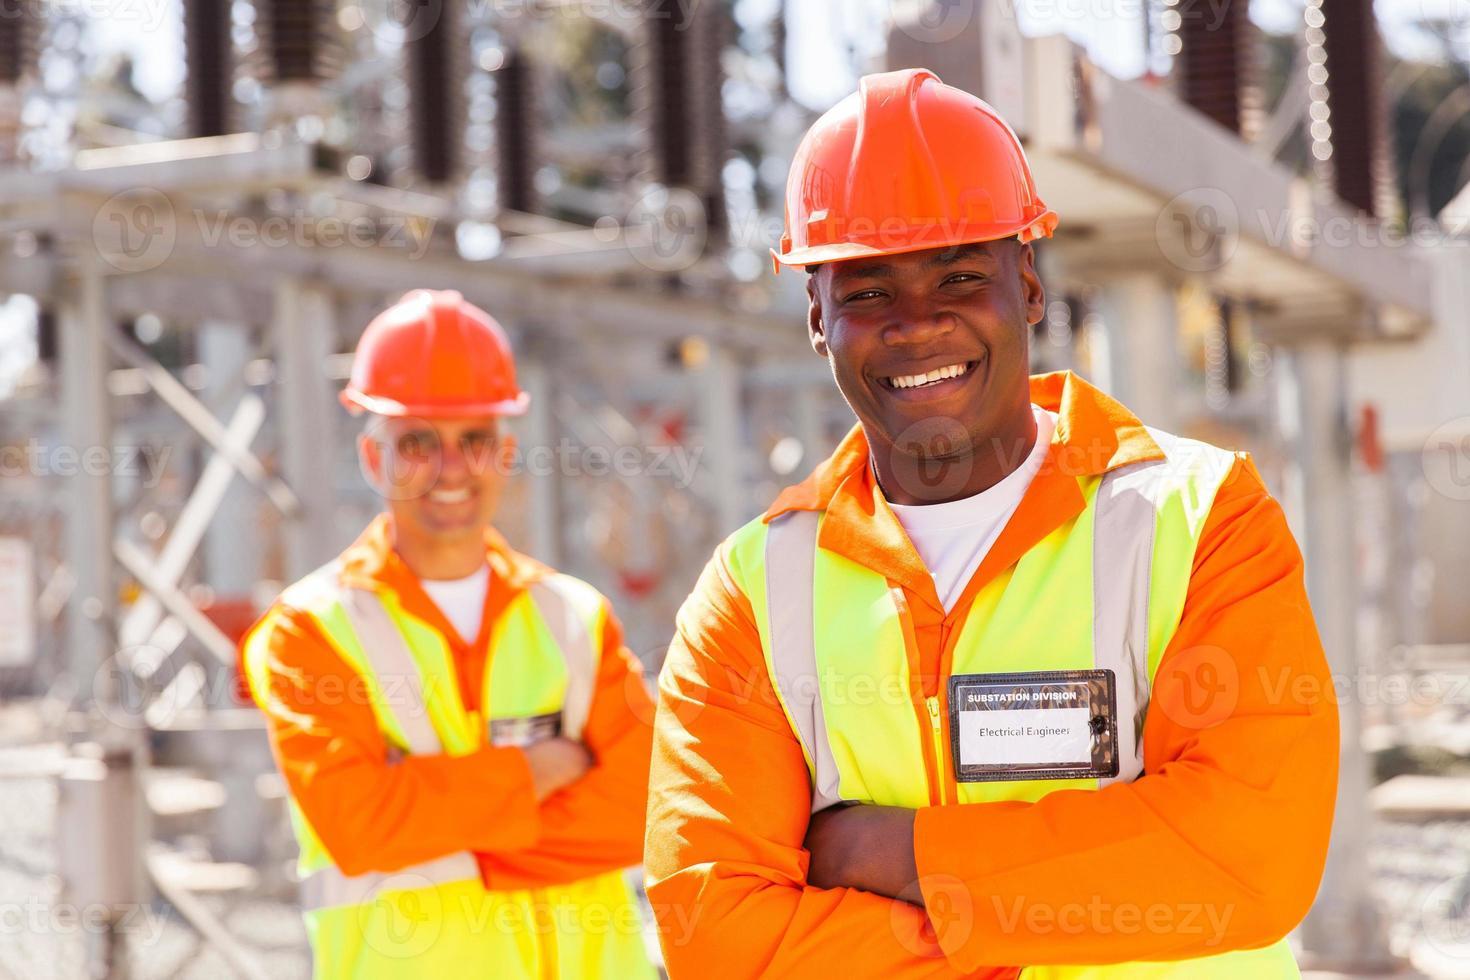 joven ingeniero eléctrico afroamericano en subestación foto